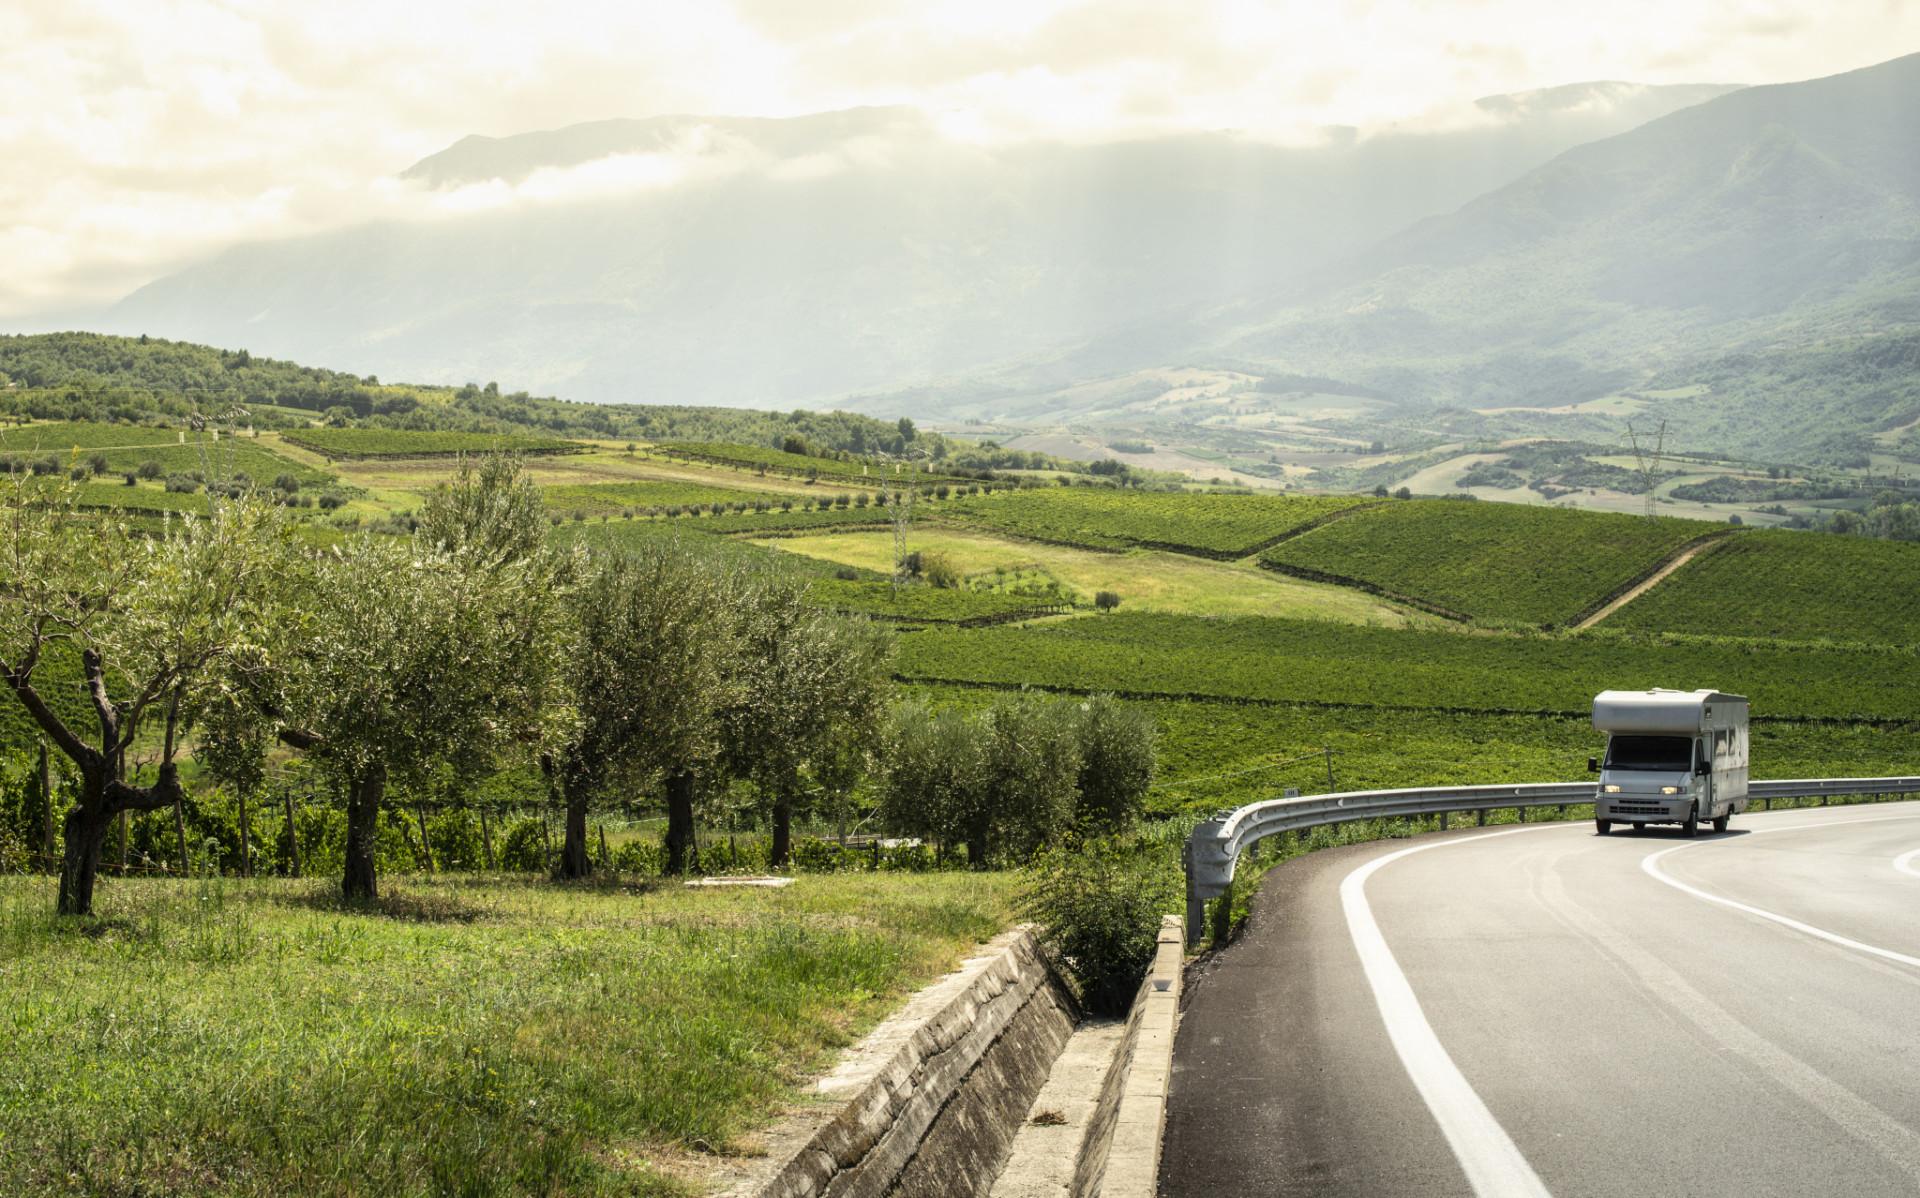 Mit dem Wohnmobil durch die Hügellandschaft der Toskana